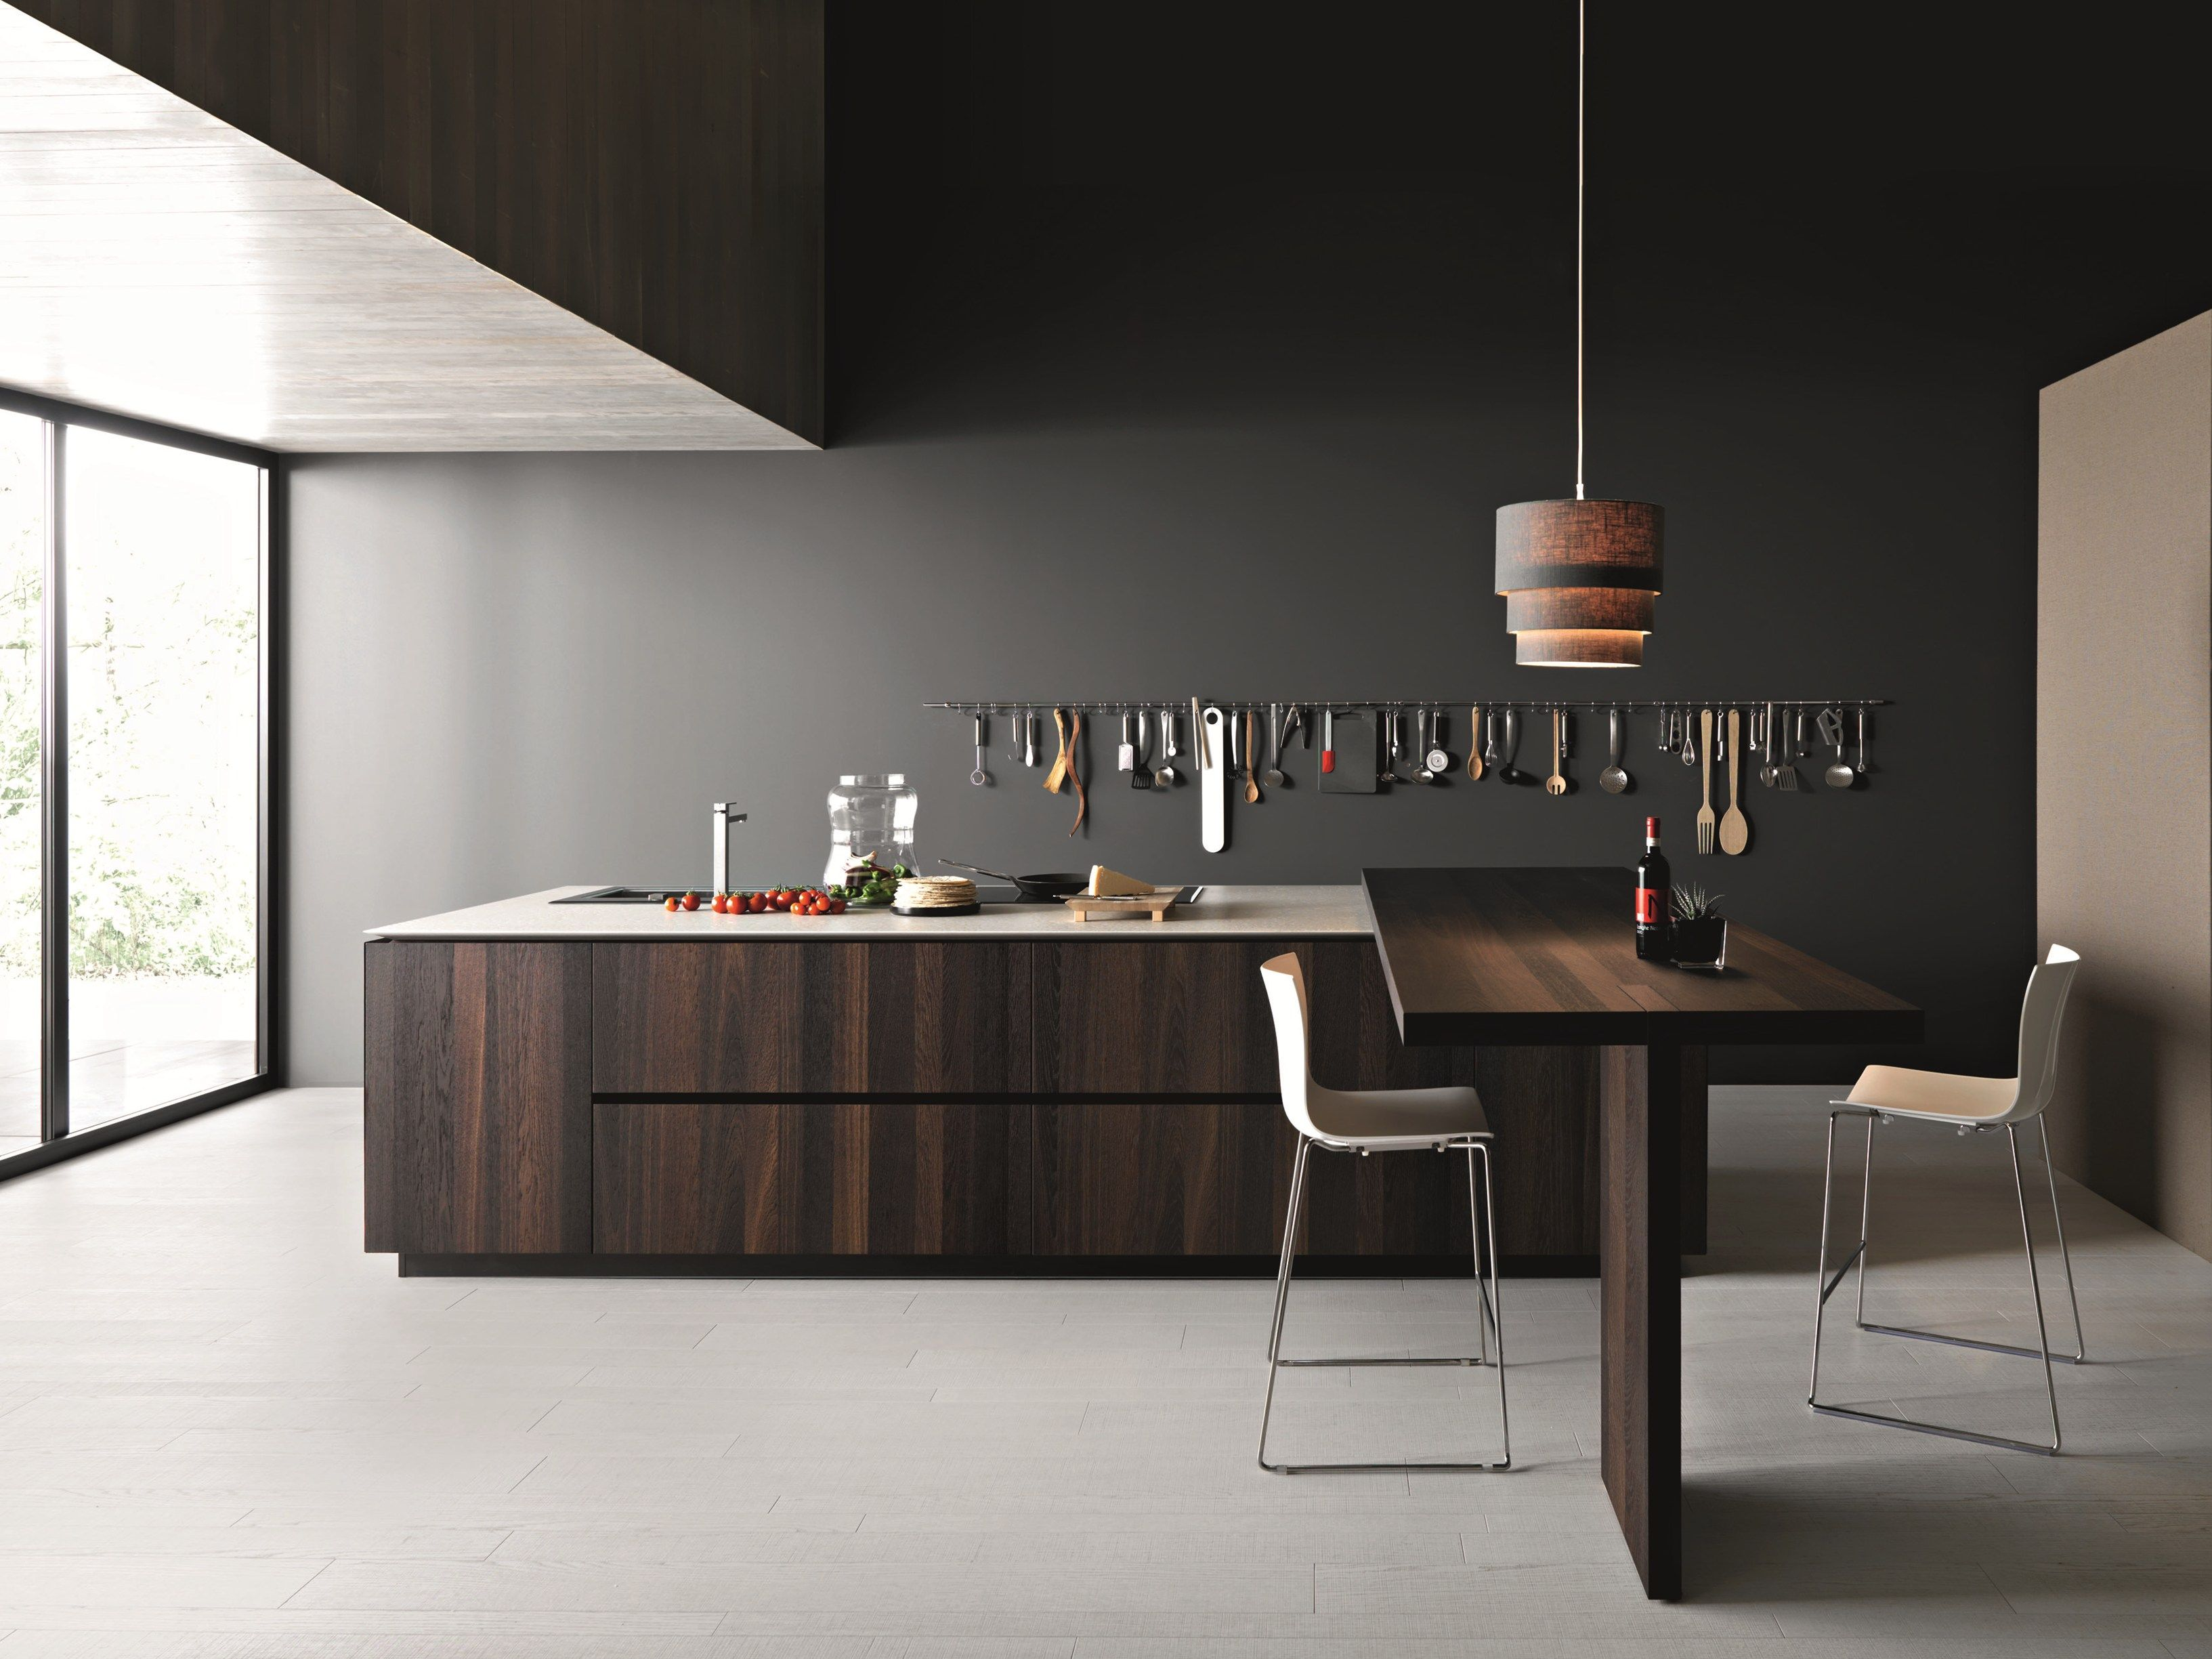 Wooden kitchen with island elle by cesar arredamenti design